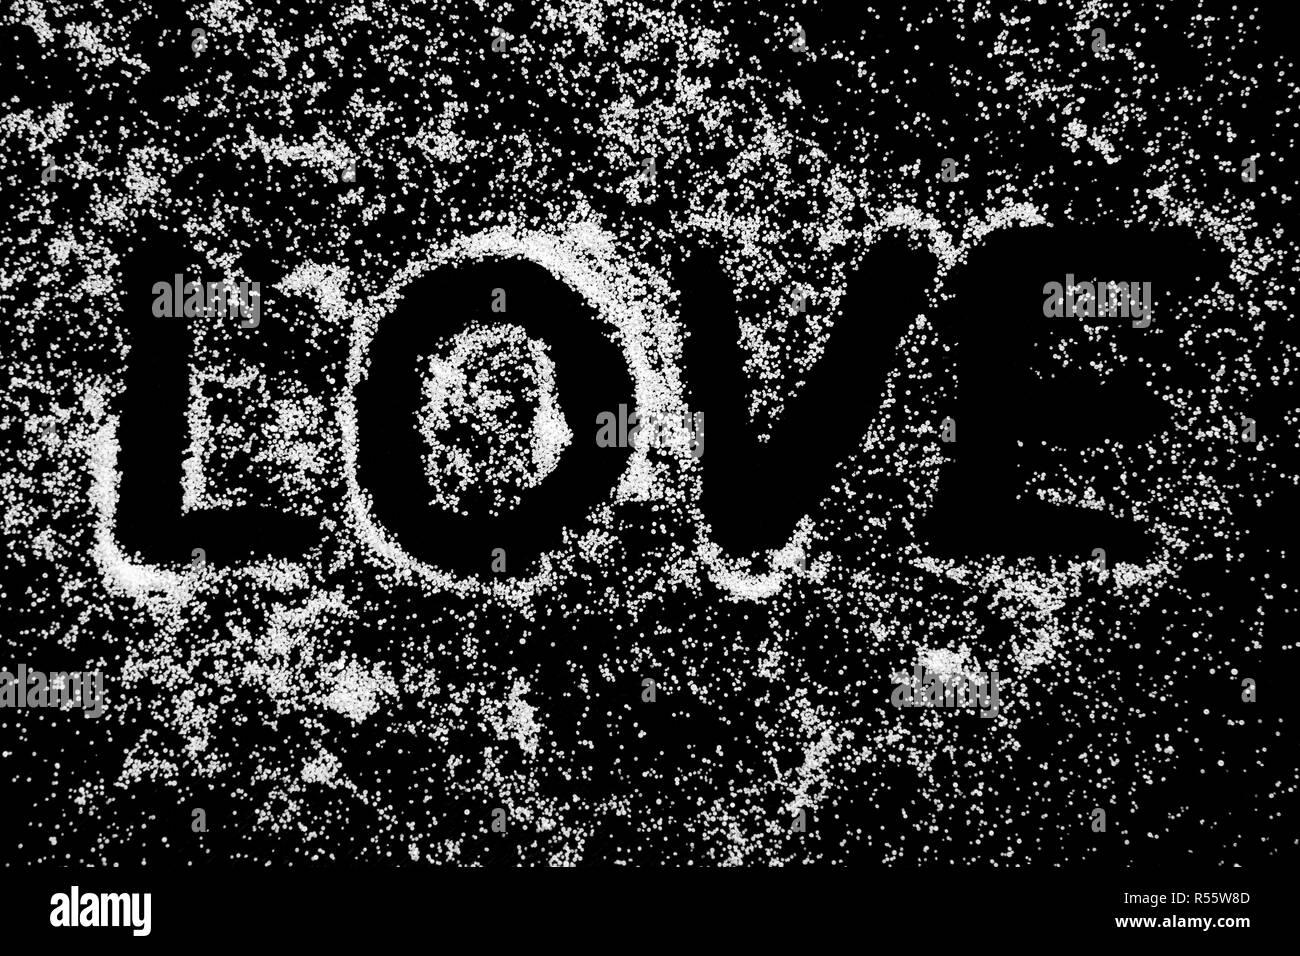 Amore Simbolo Word Disegno Dal Dito Sul Bianco Della Neve Polvere